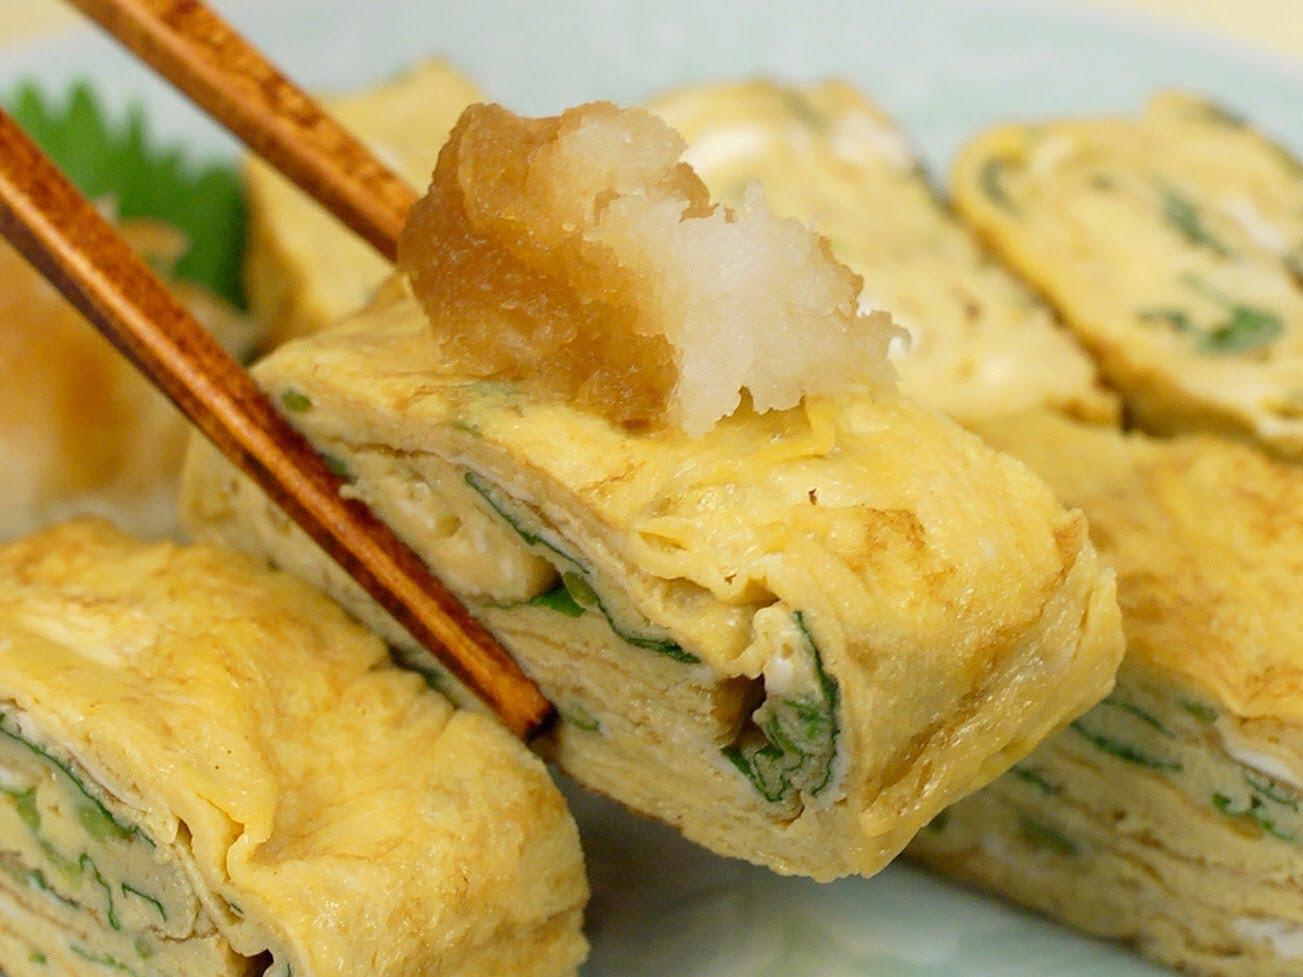 How to Make Tamagoyaki, Japanese Omelette